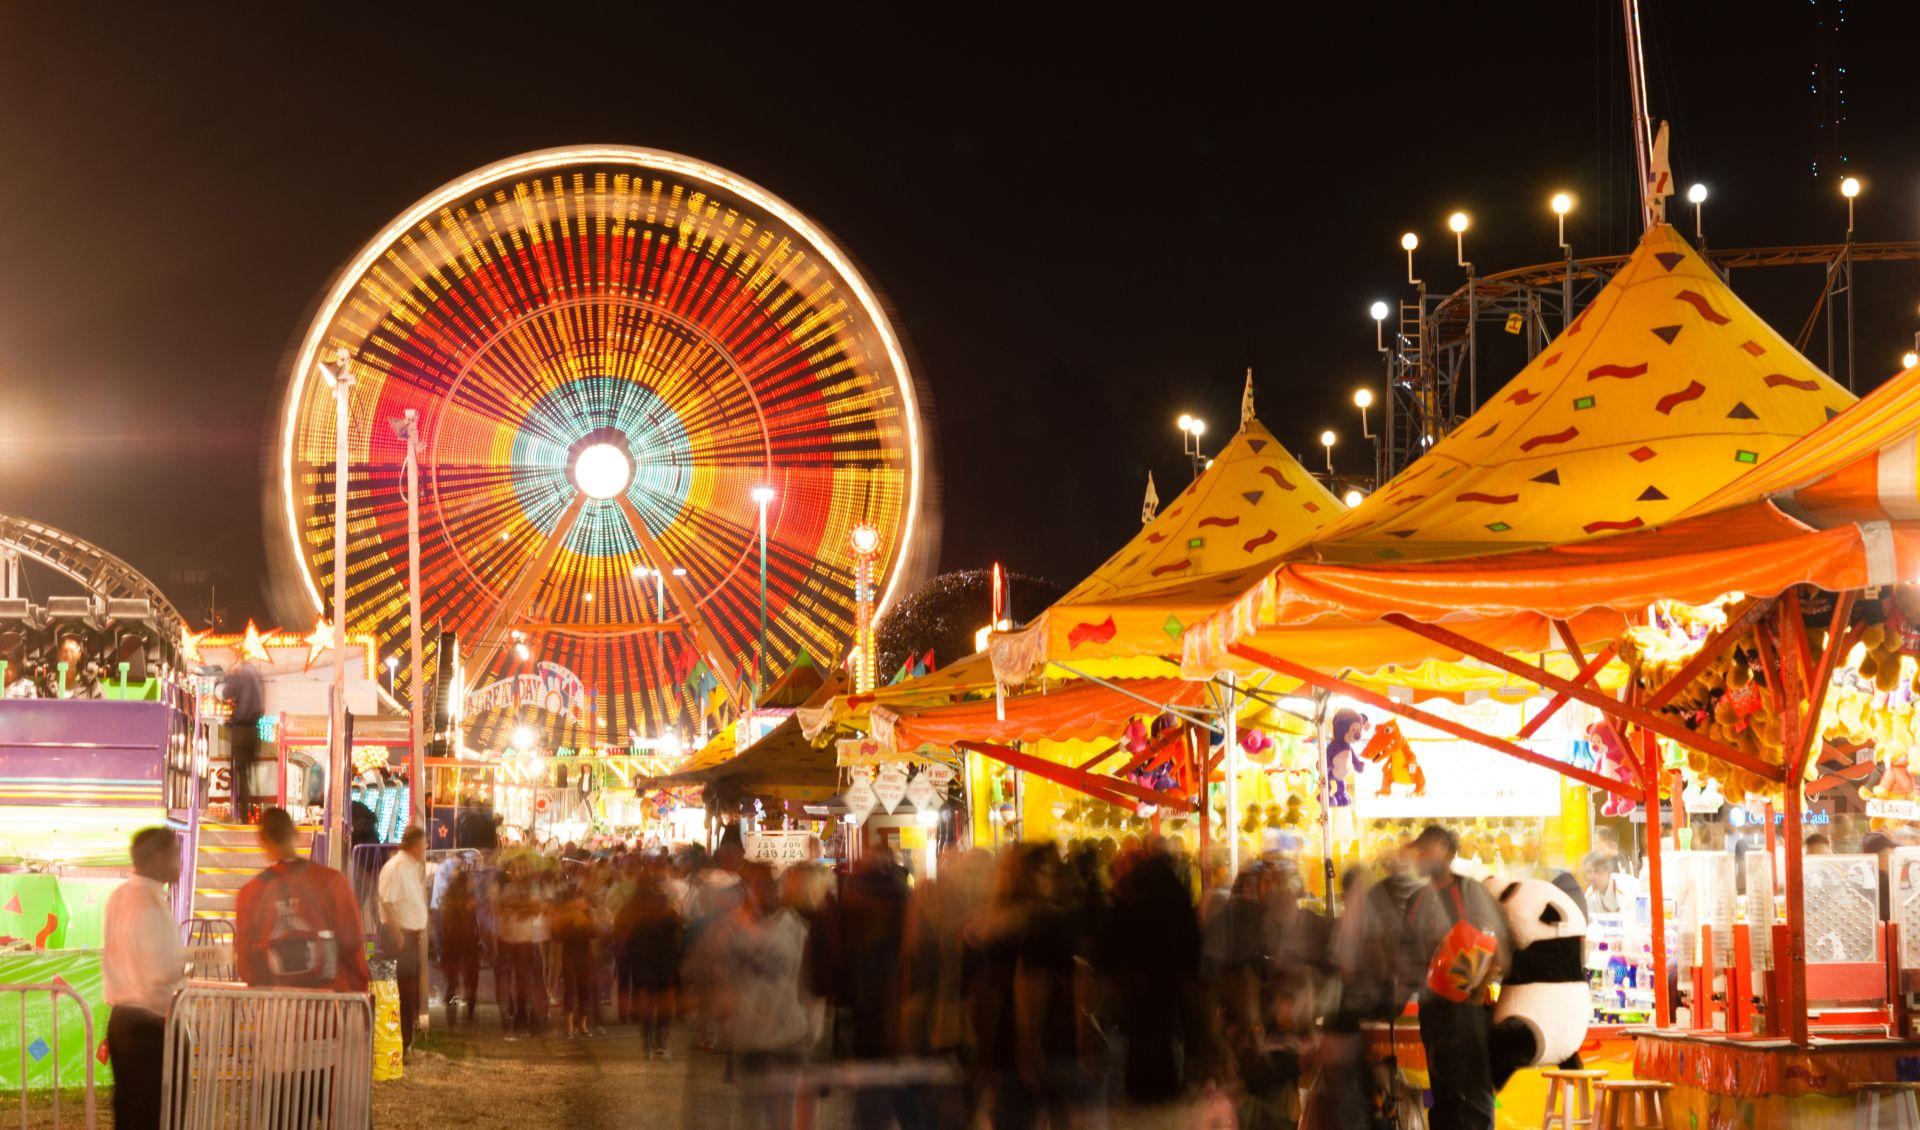 2019 Georgia National Fair